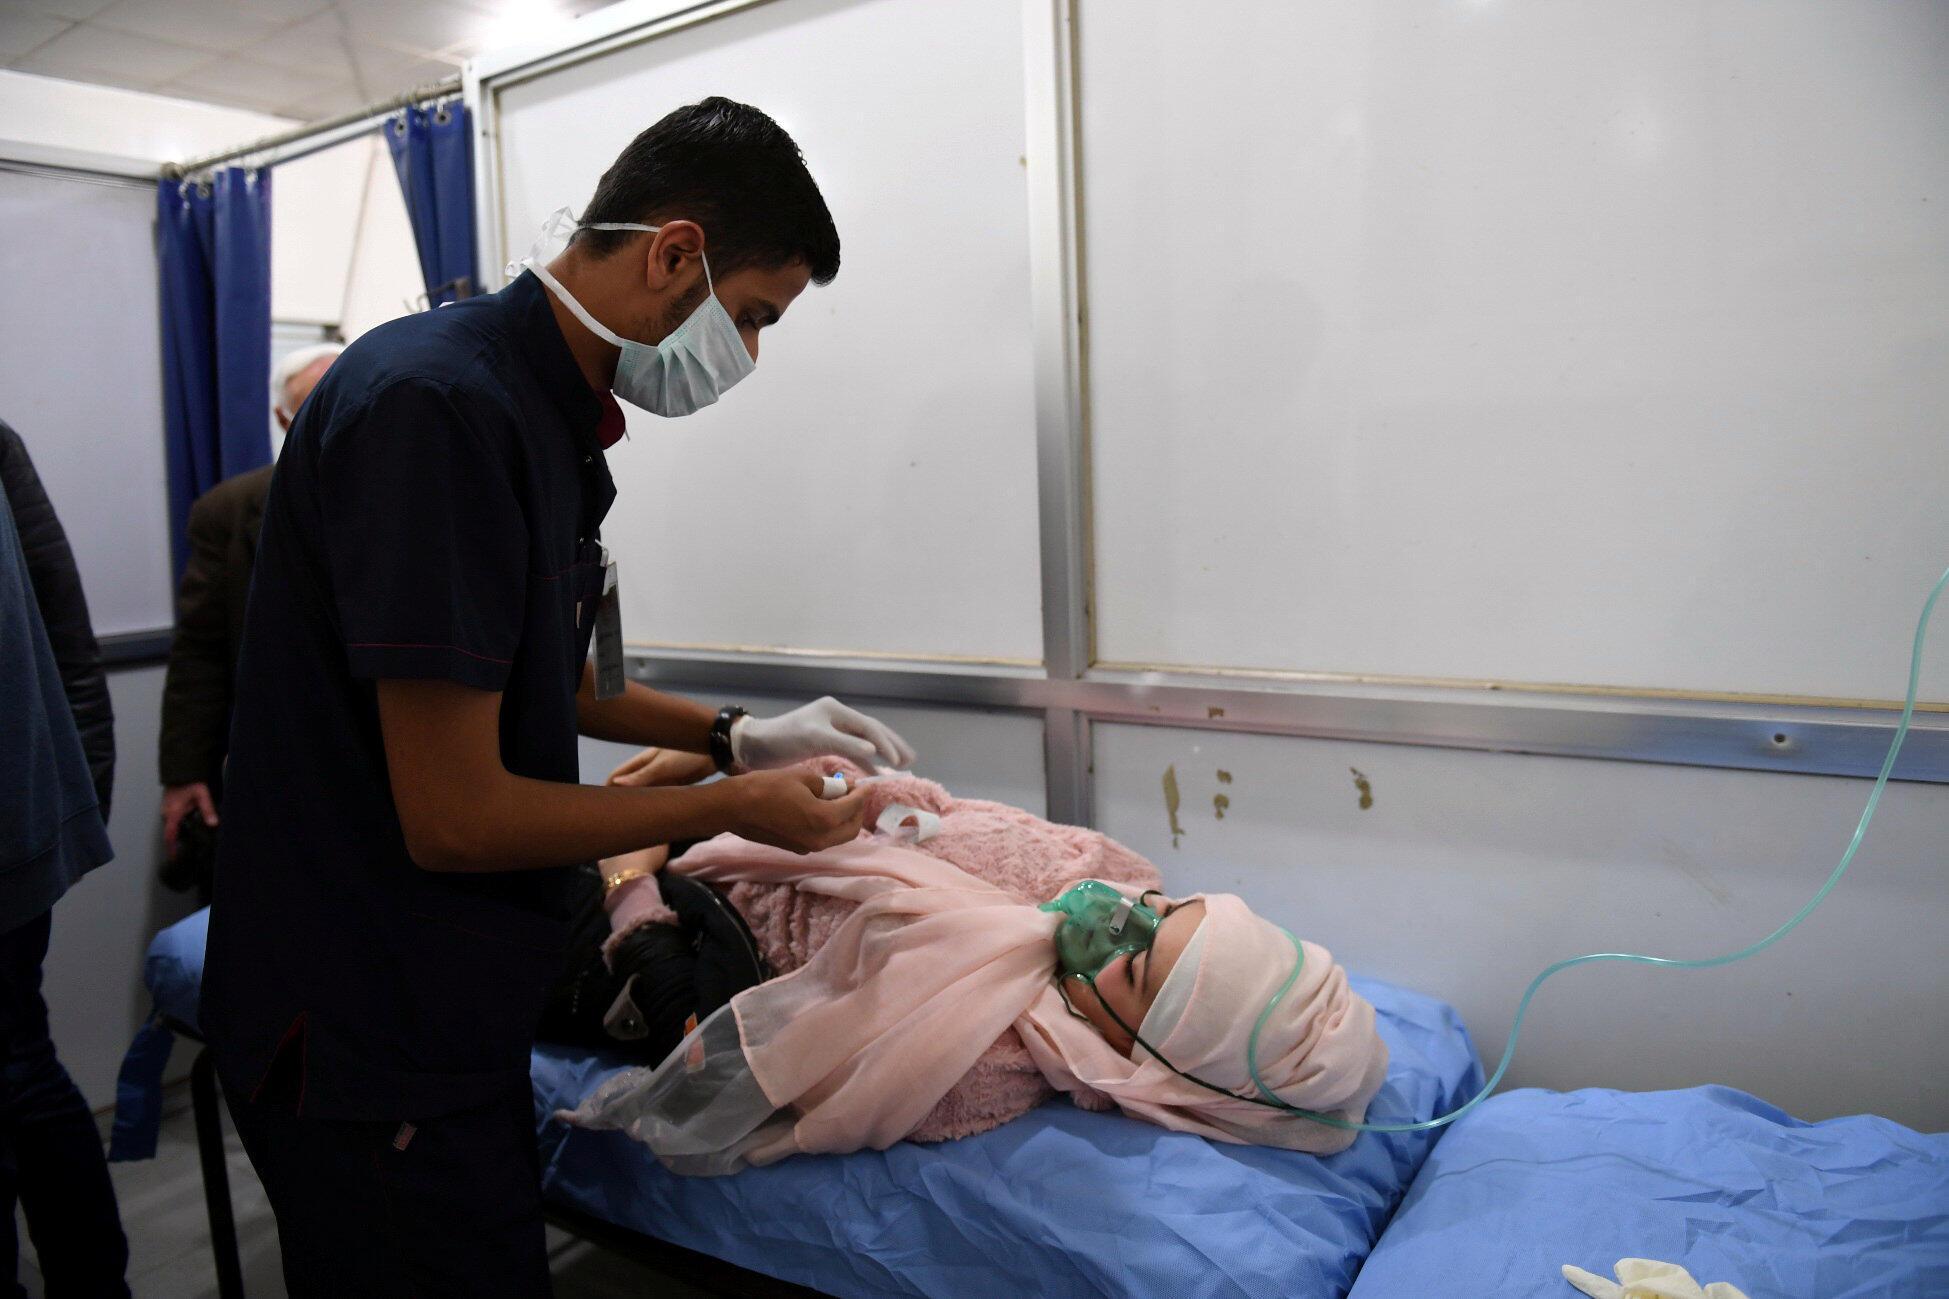 Государственное агентство SANA распространило фотографии мирных жителей, пострадавших от вероятной химической атаки